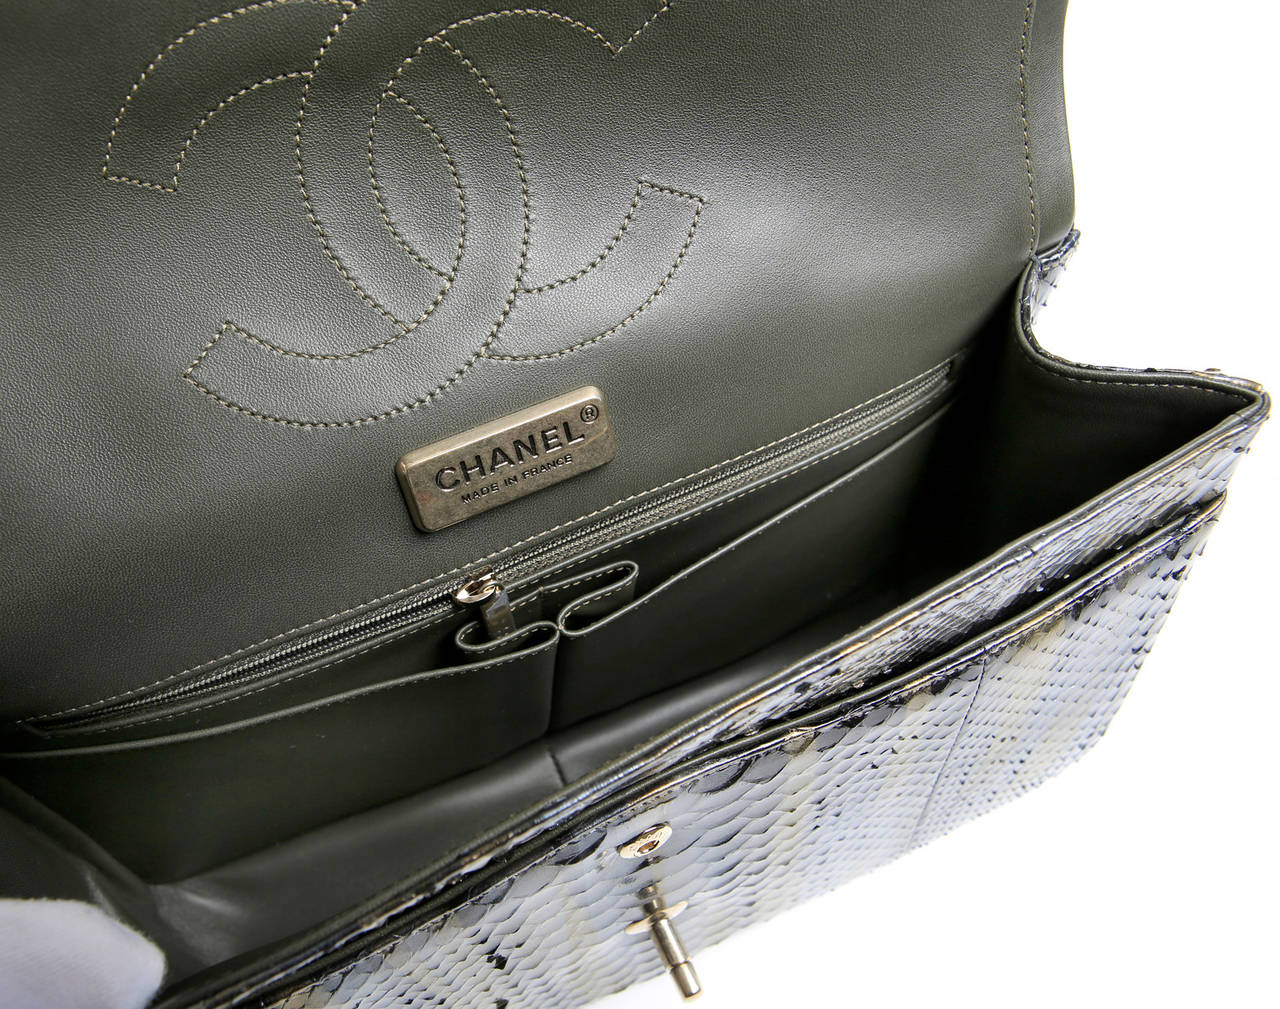 Chanel Jumbo Classic Metallic Python- Double Flap 7